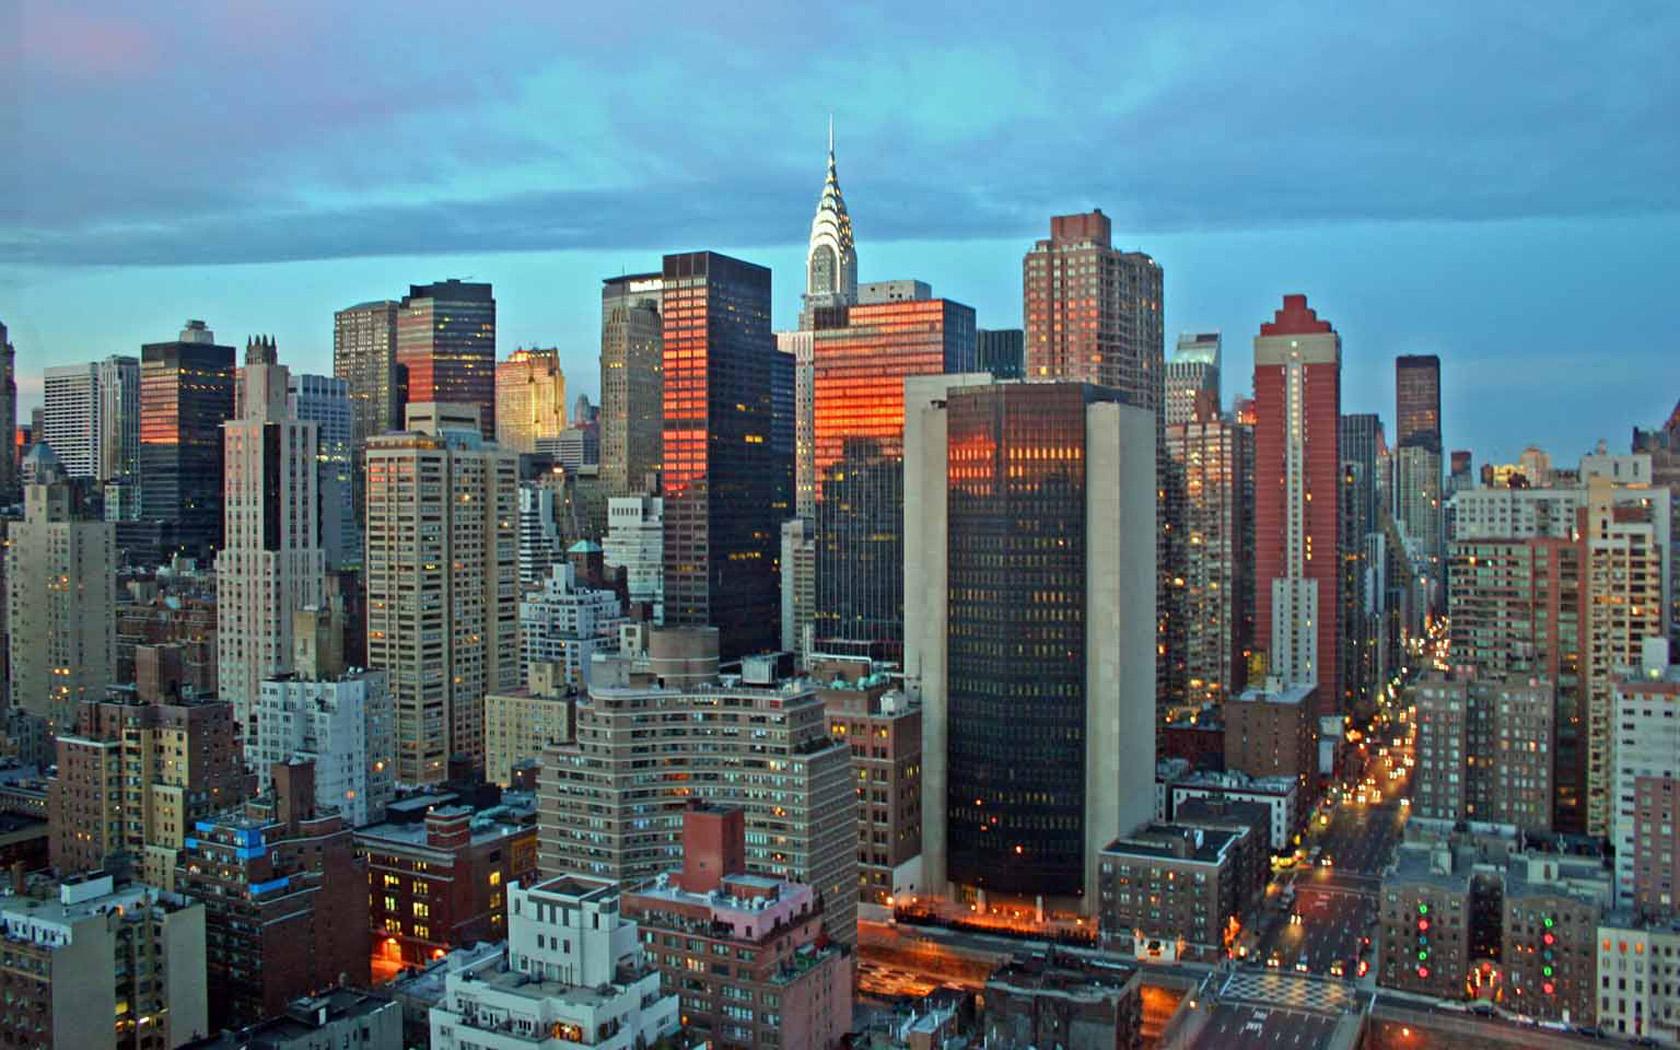 New York Evening Skyline Wallpaper (1680x1050 pixel) City HD Wallpaper ...